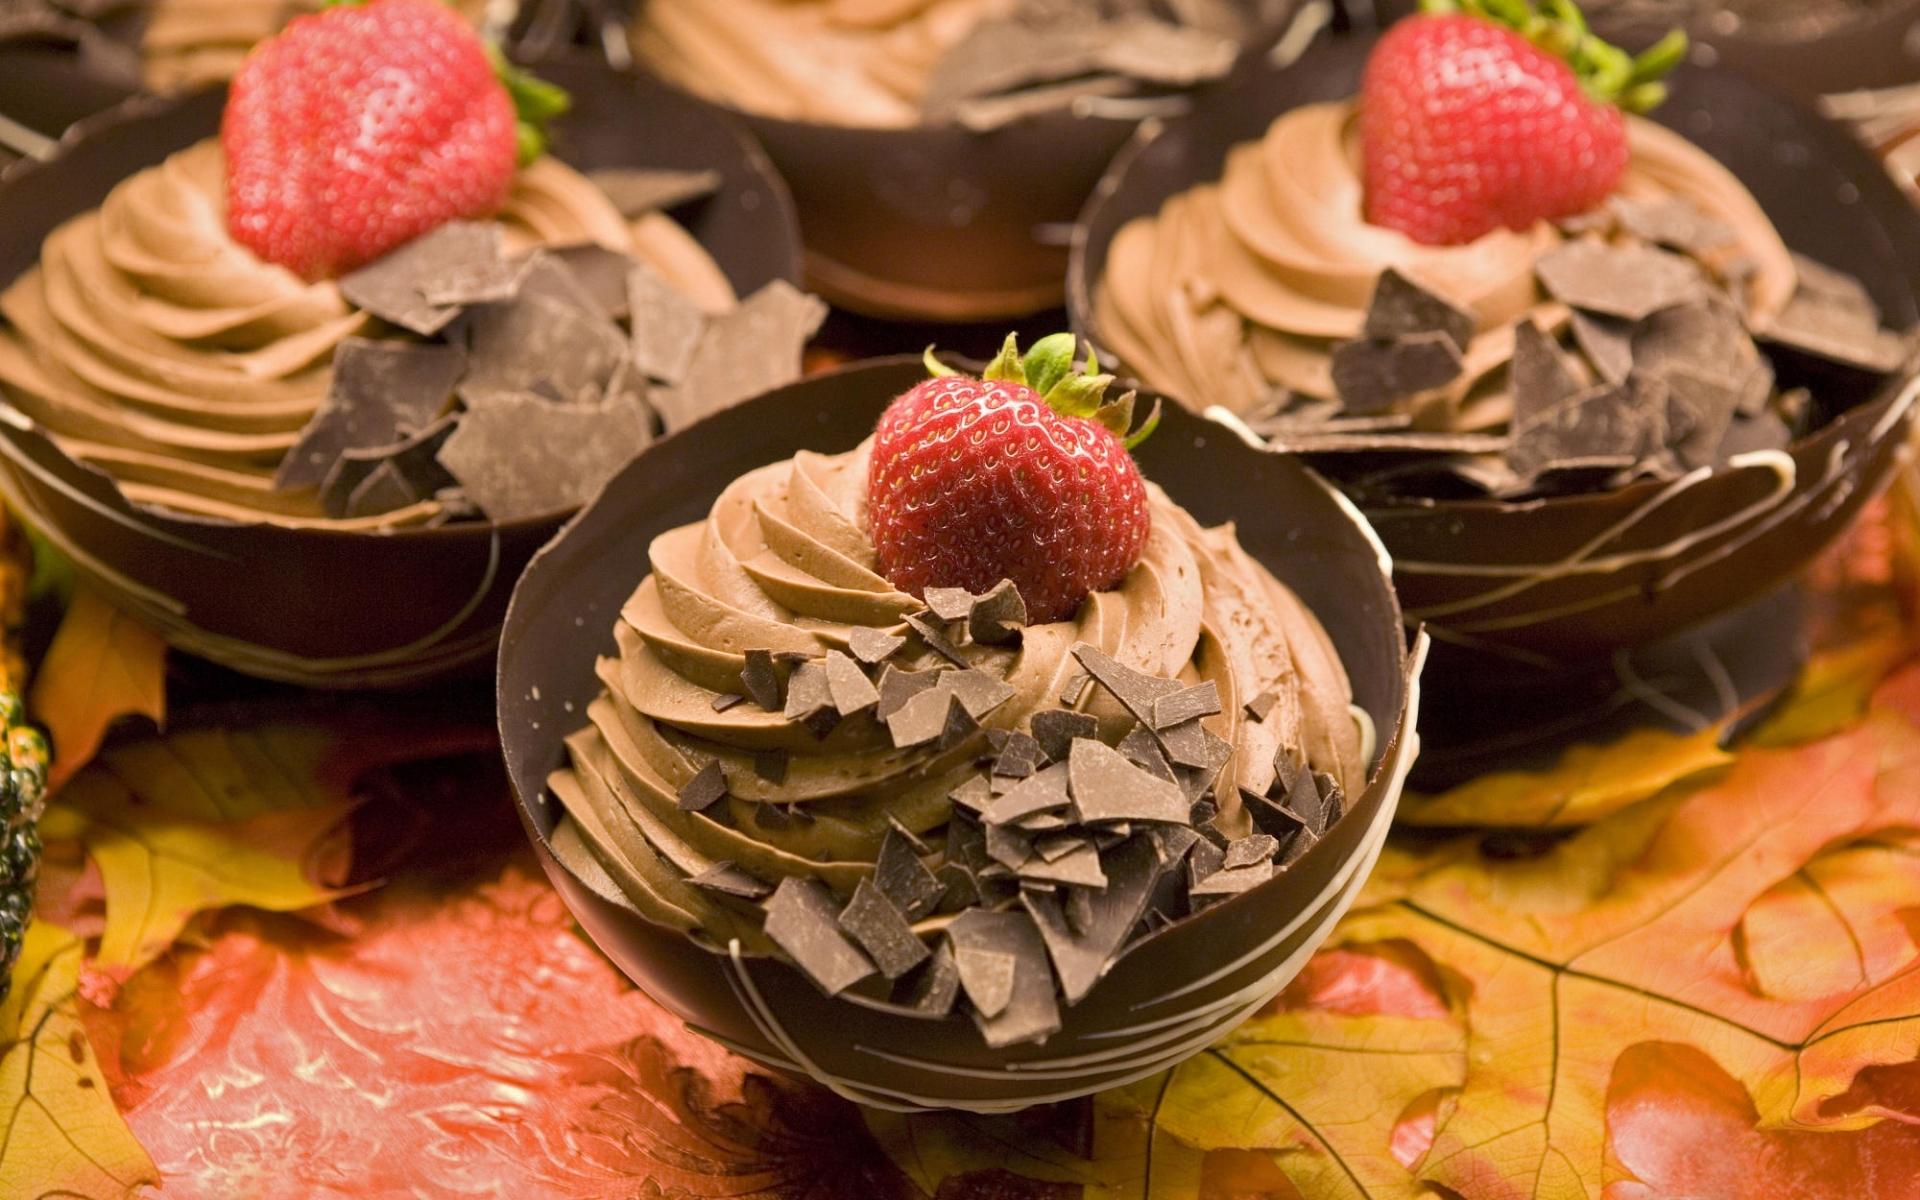 159 скачать обои Фрукты, Еда, Клубника, Десерты, Шоколад - заставки и картинки бесплатно